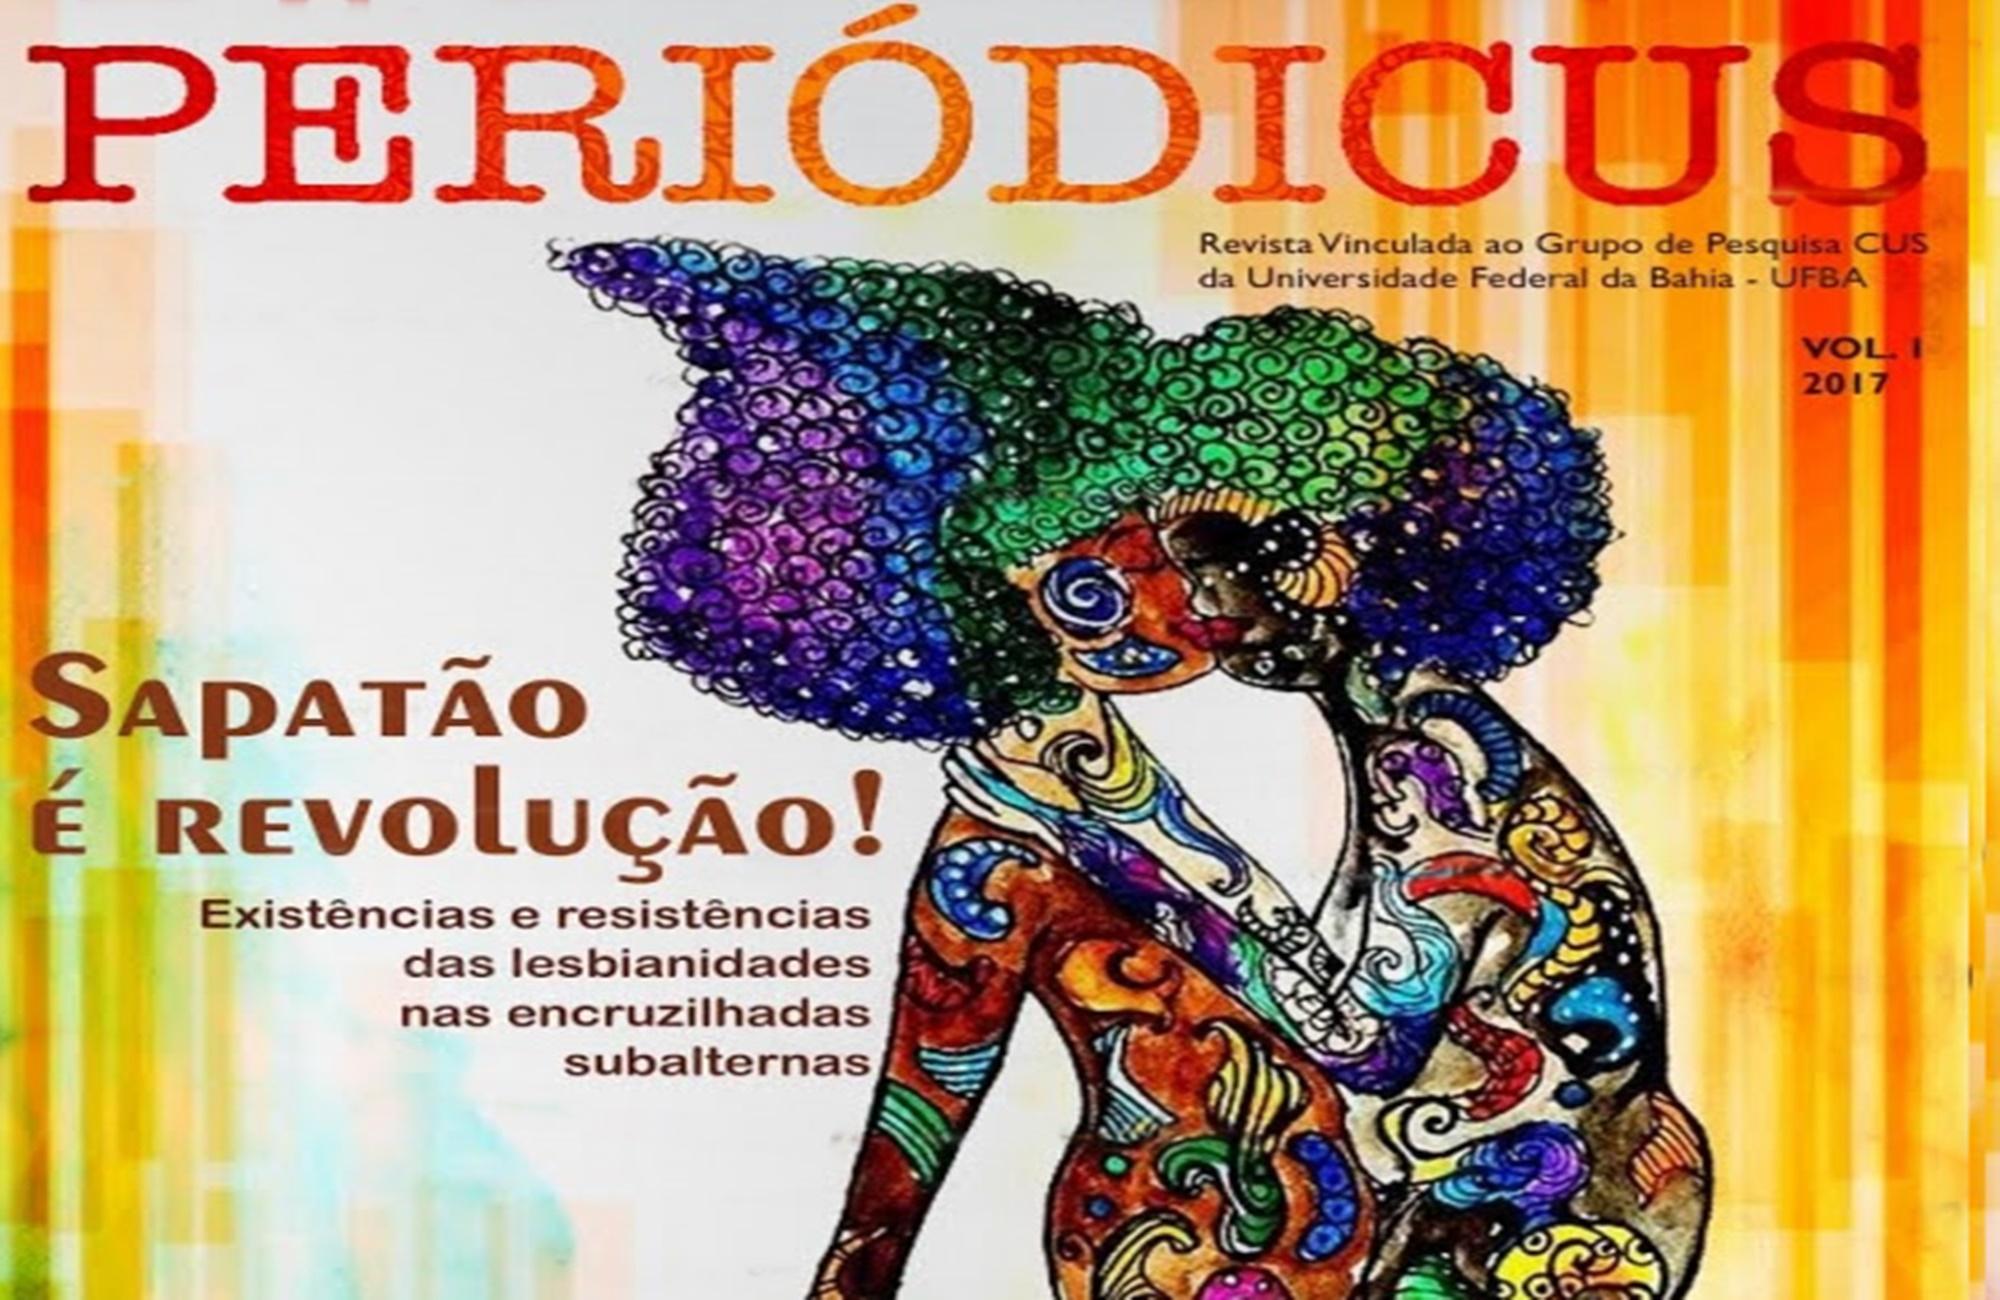 O Grupo de Pesquisa em Cultura e Sexualidade (CUS) Lança a Sétima Edição da Revista Periódicus